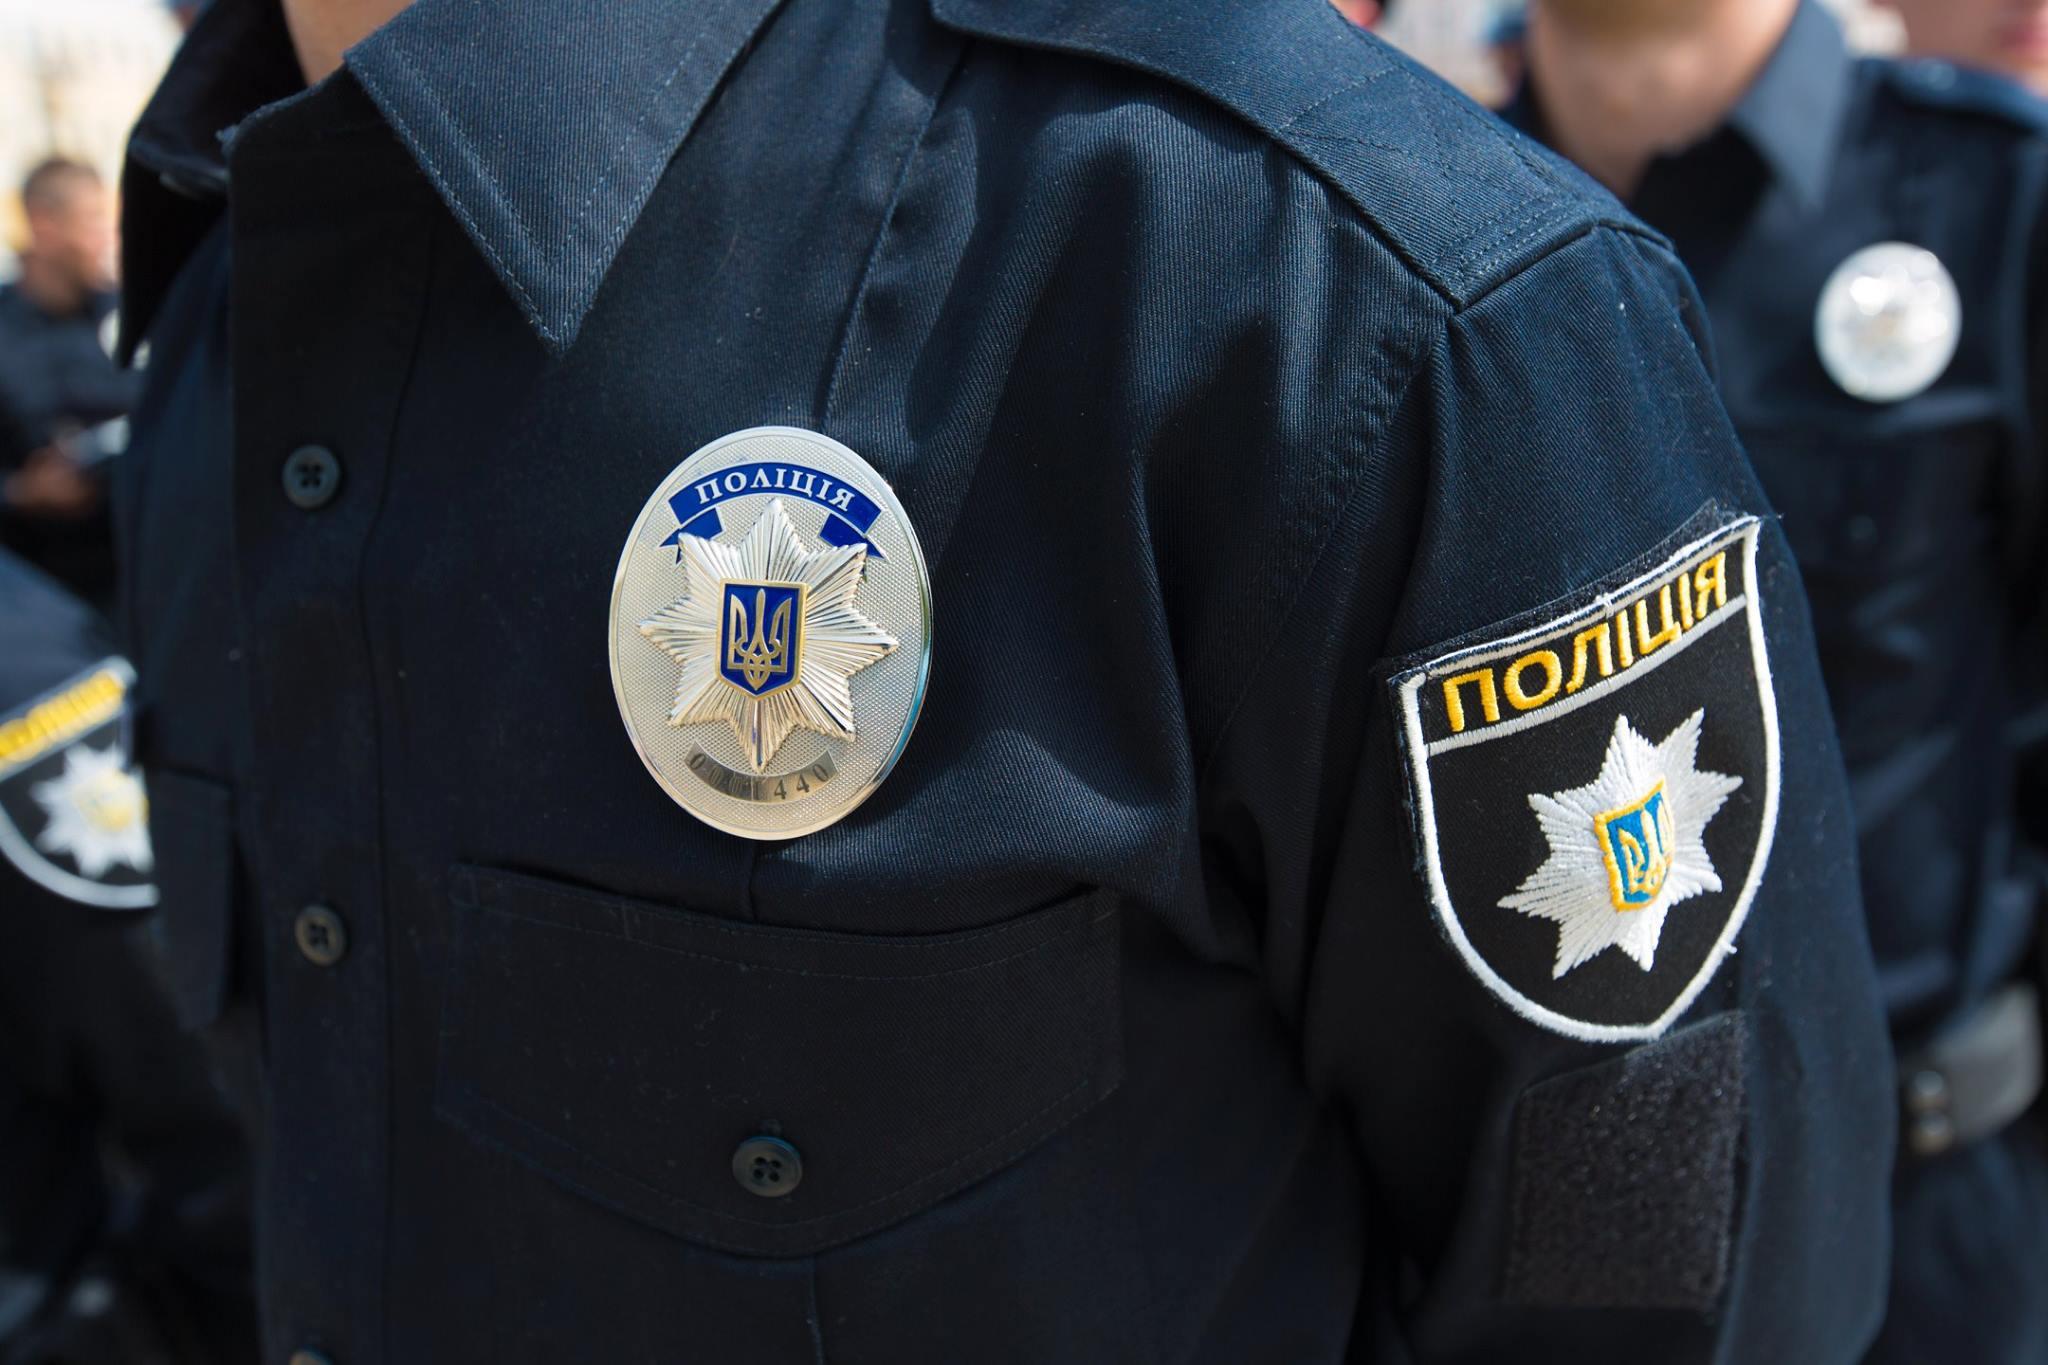 В Одесской области военный возле развлекательного заведения угрожал гранатой